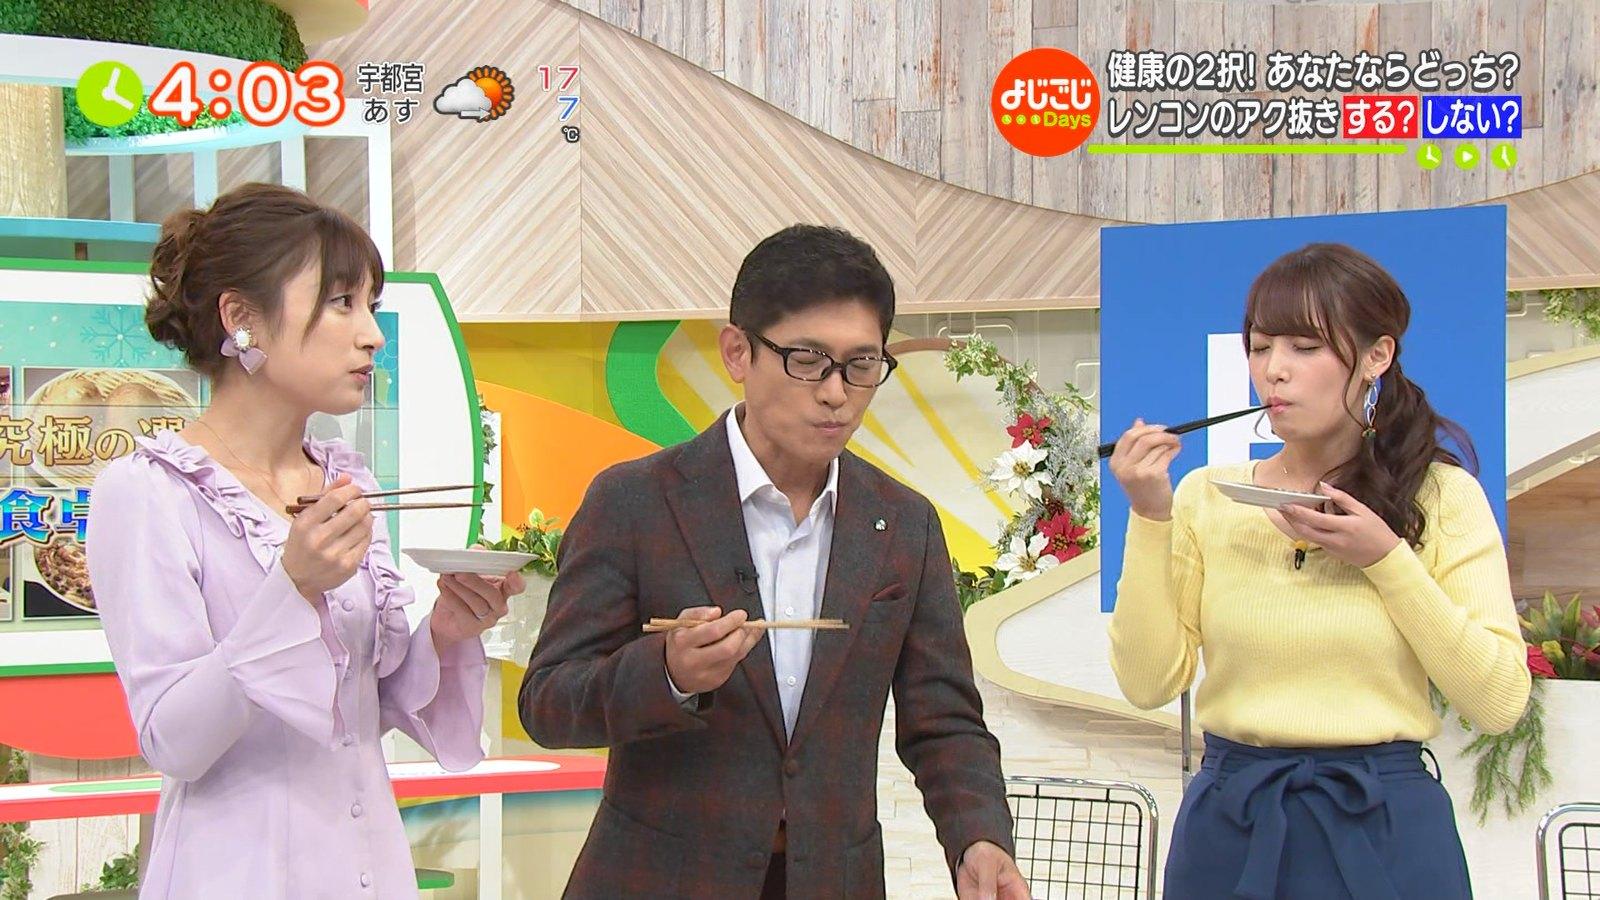 20181206テレビ東京「よじごじdays」・鷲見玲奈さんのテレビキャプチャー画像-018